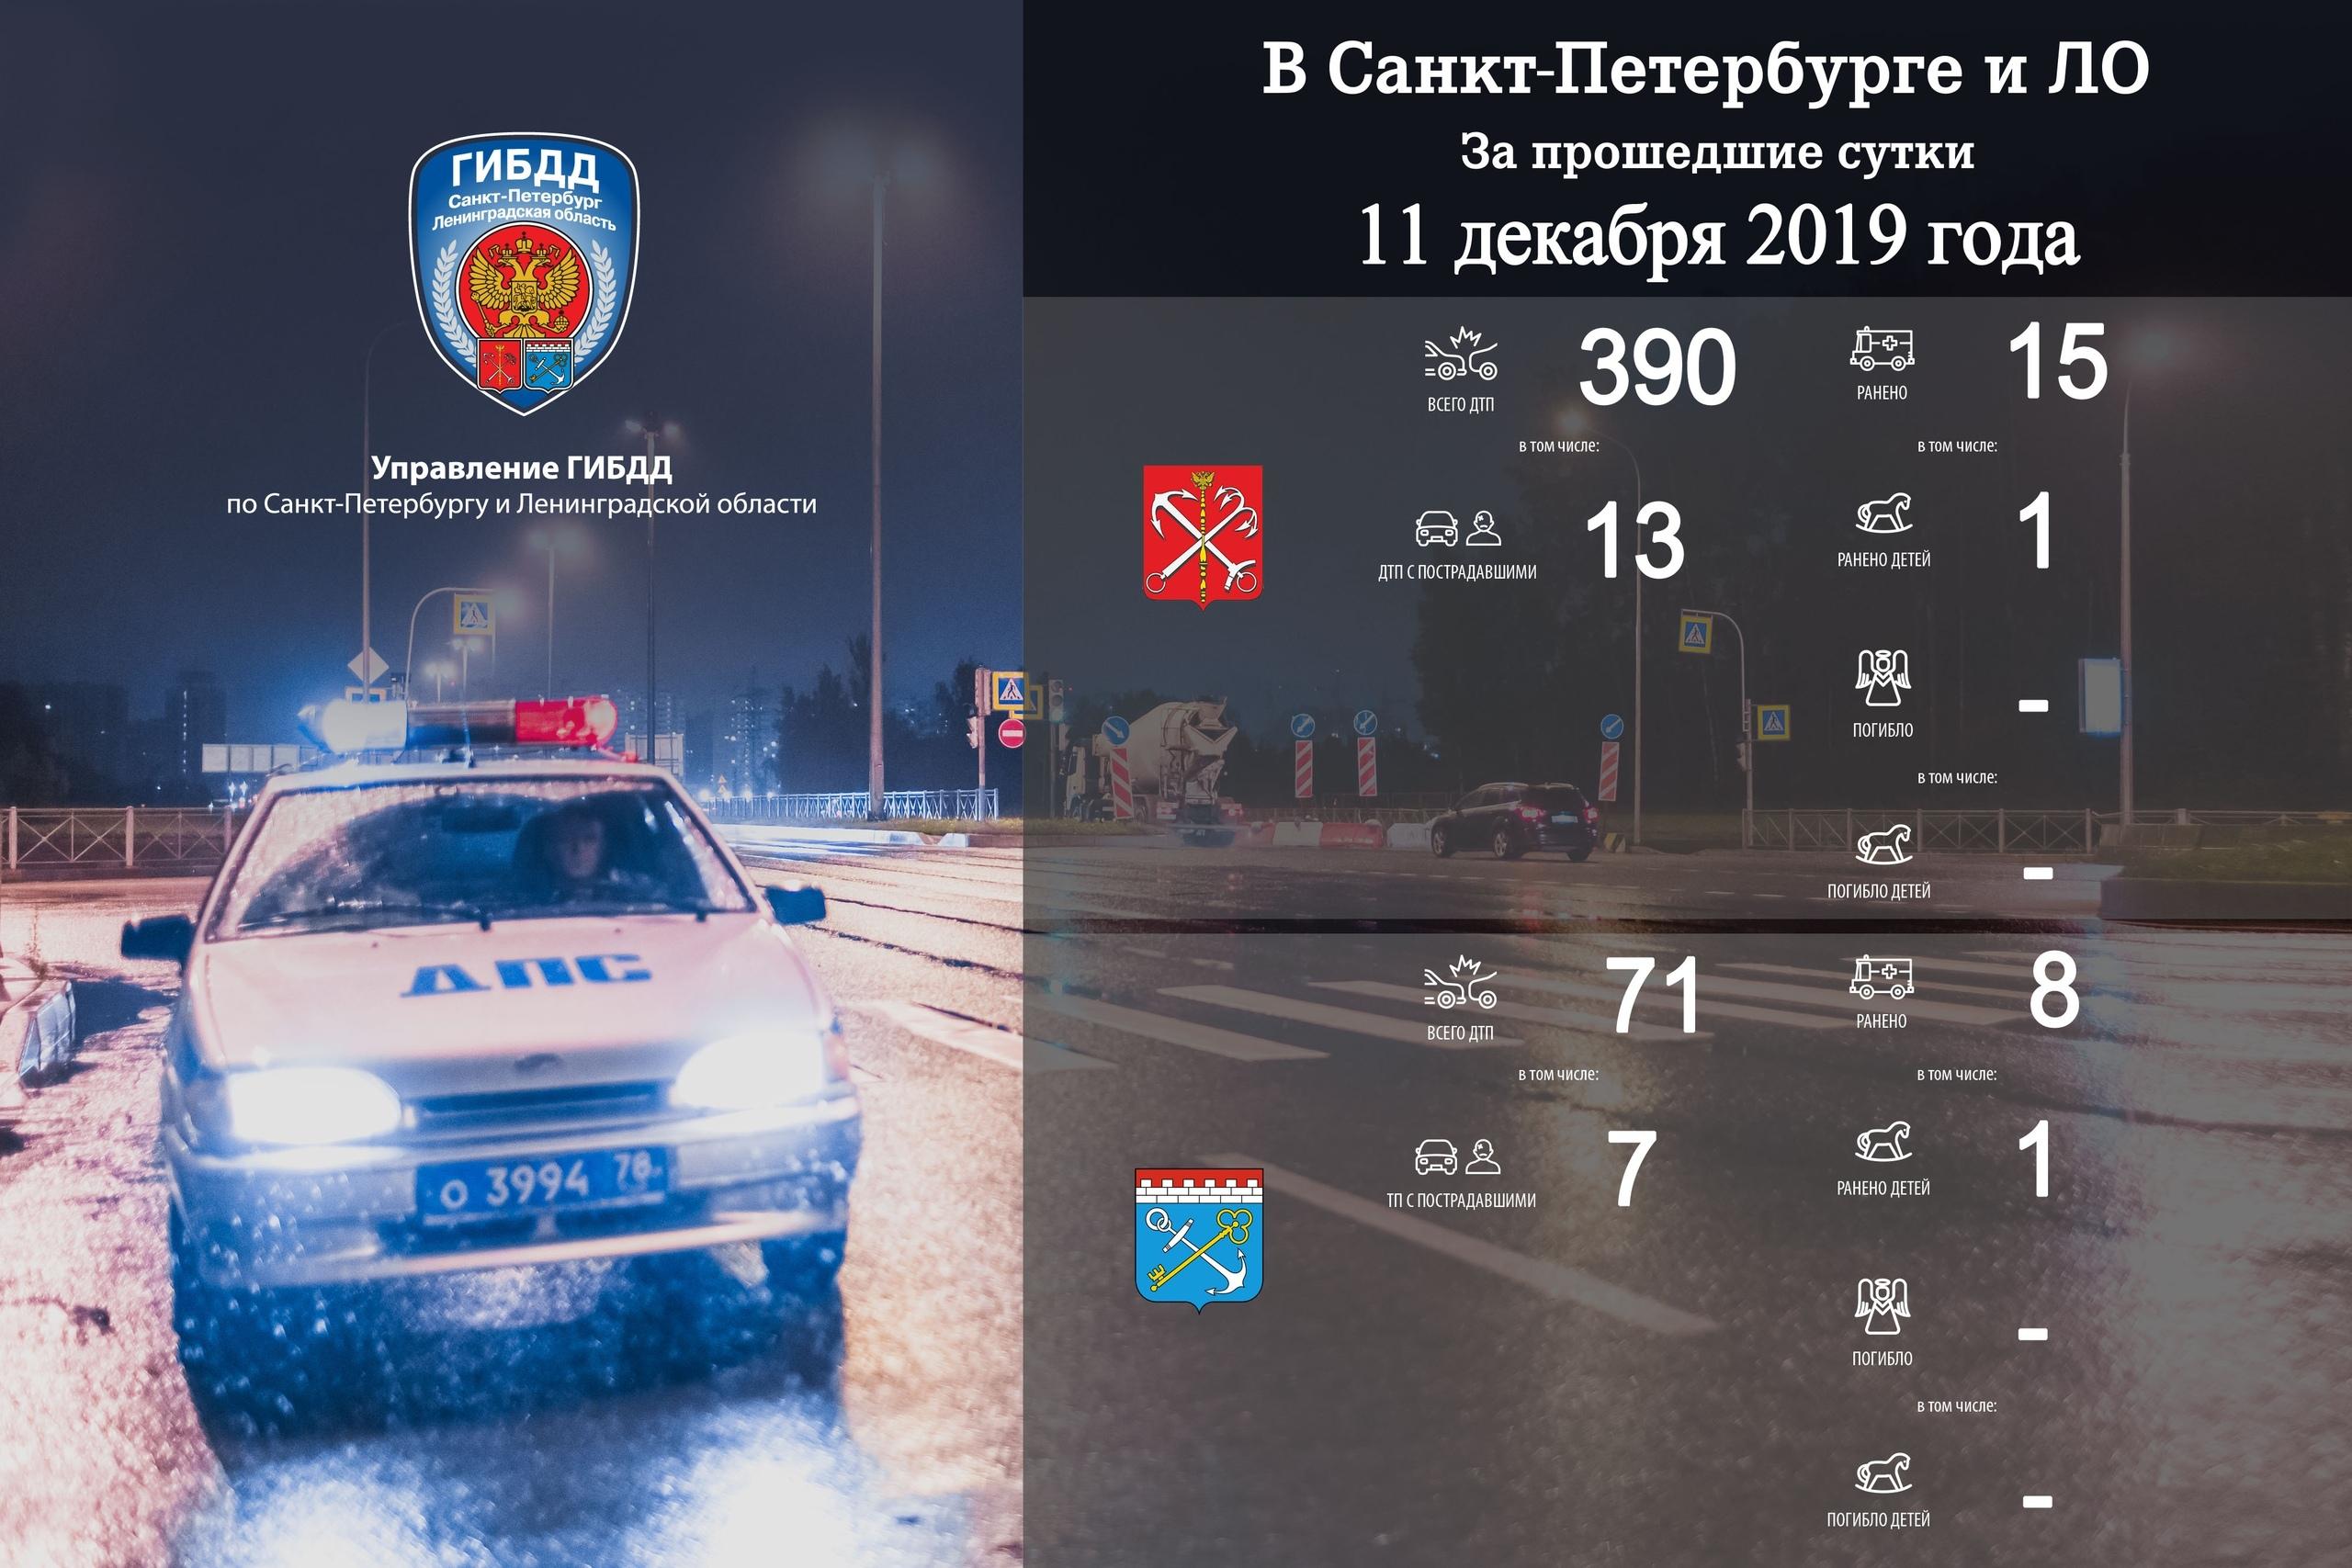 УГИБДД по Санкт-Петербургу и Ленинградской области